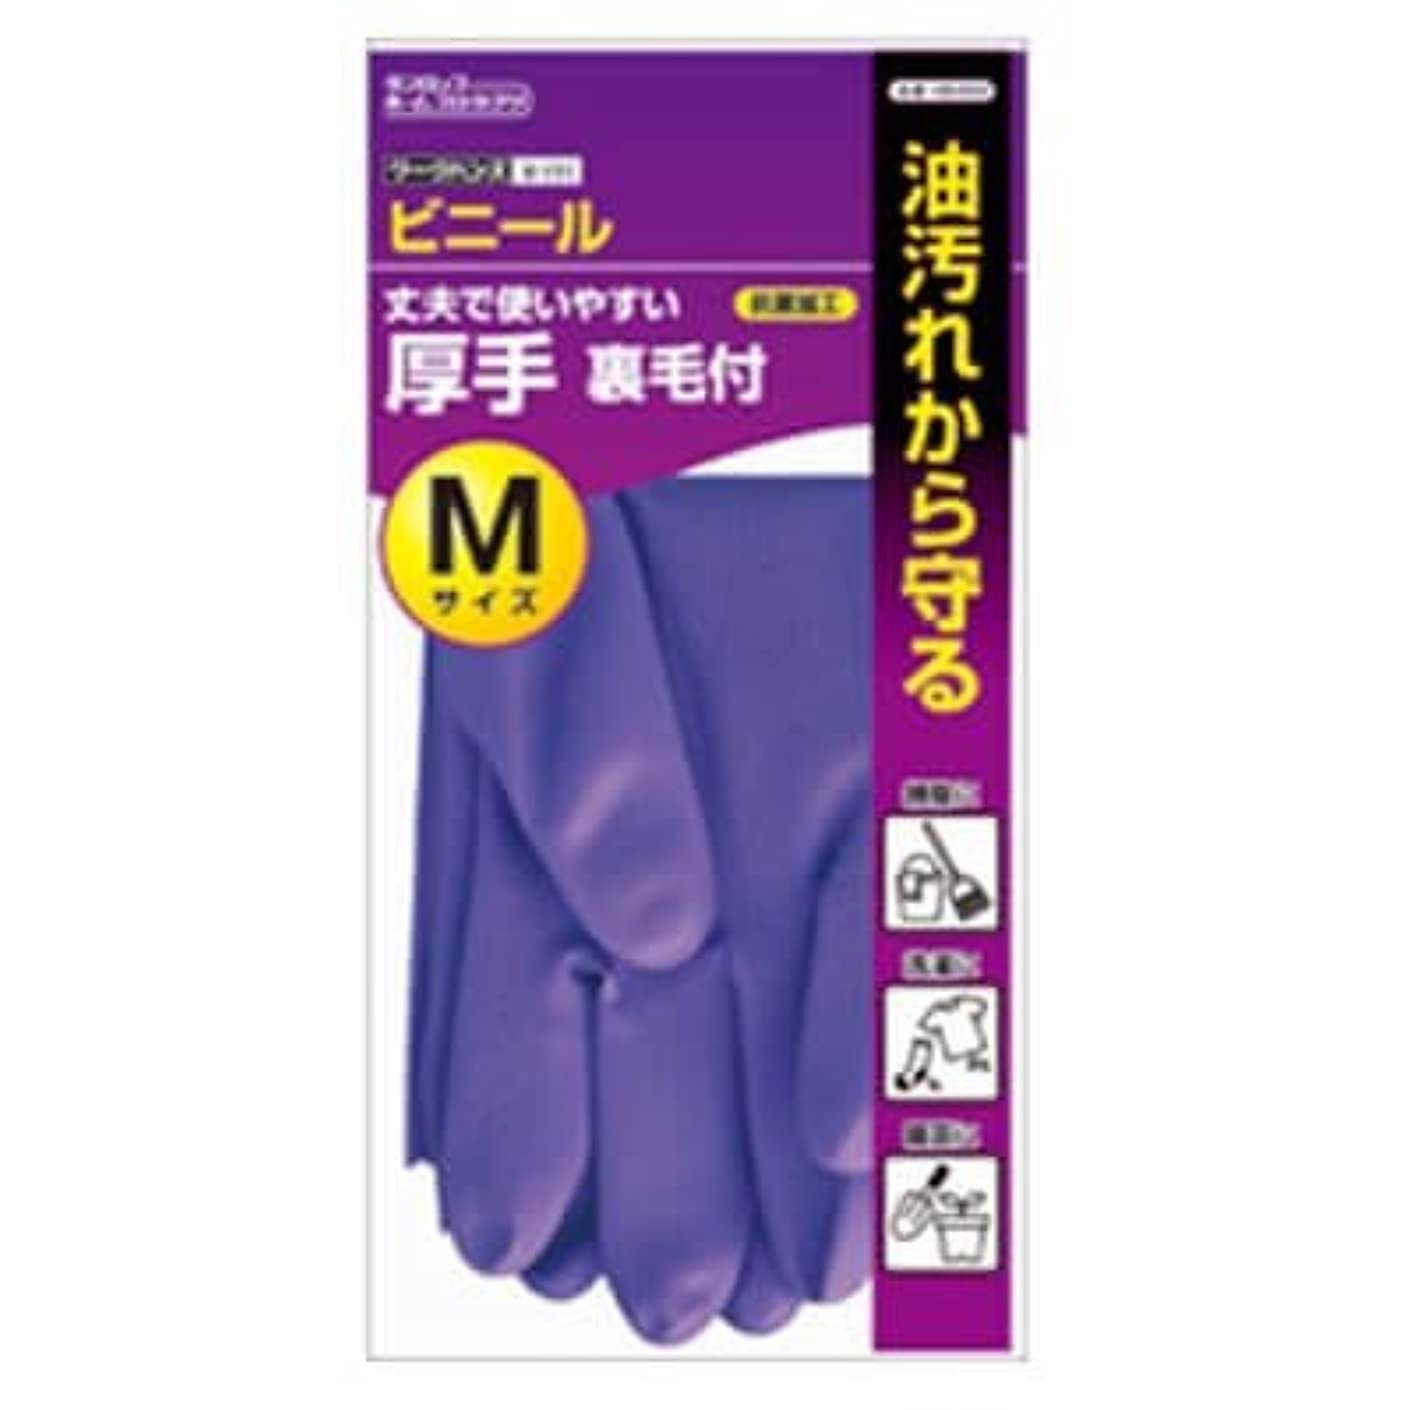 作り制裁バクテリア【ケース販売】 ダンロップ ワークハンズ V-111 ビニール厚手 M バイオレット (10双×12袋)